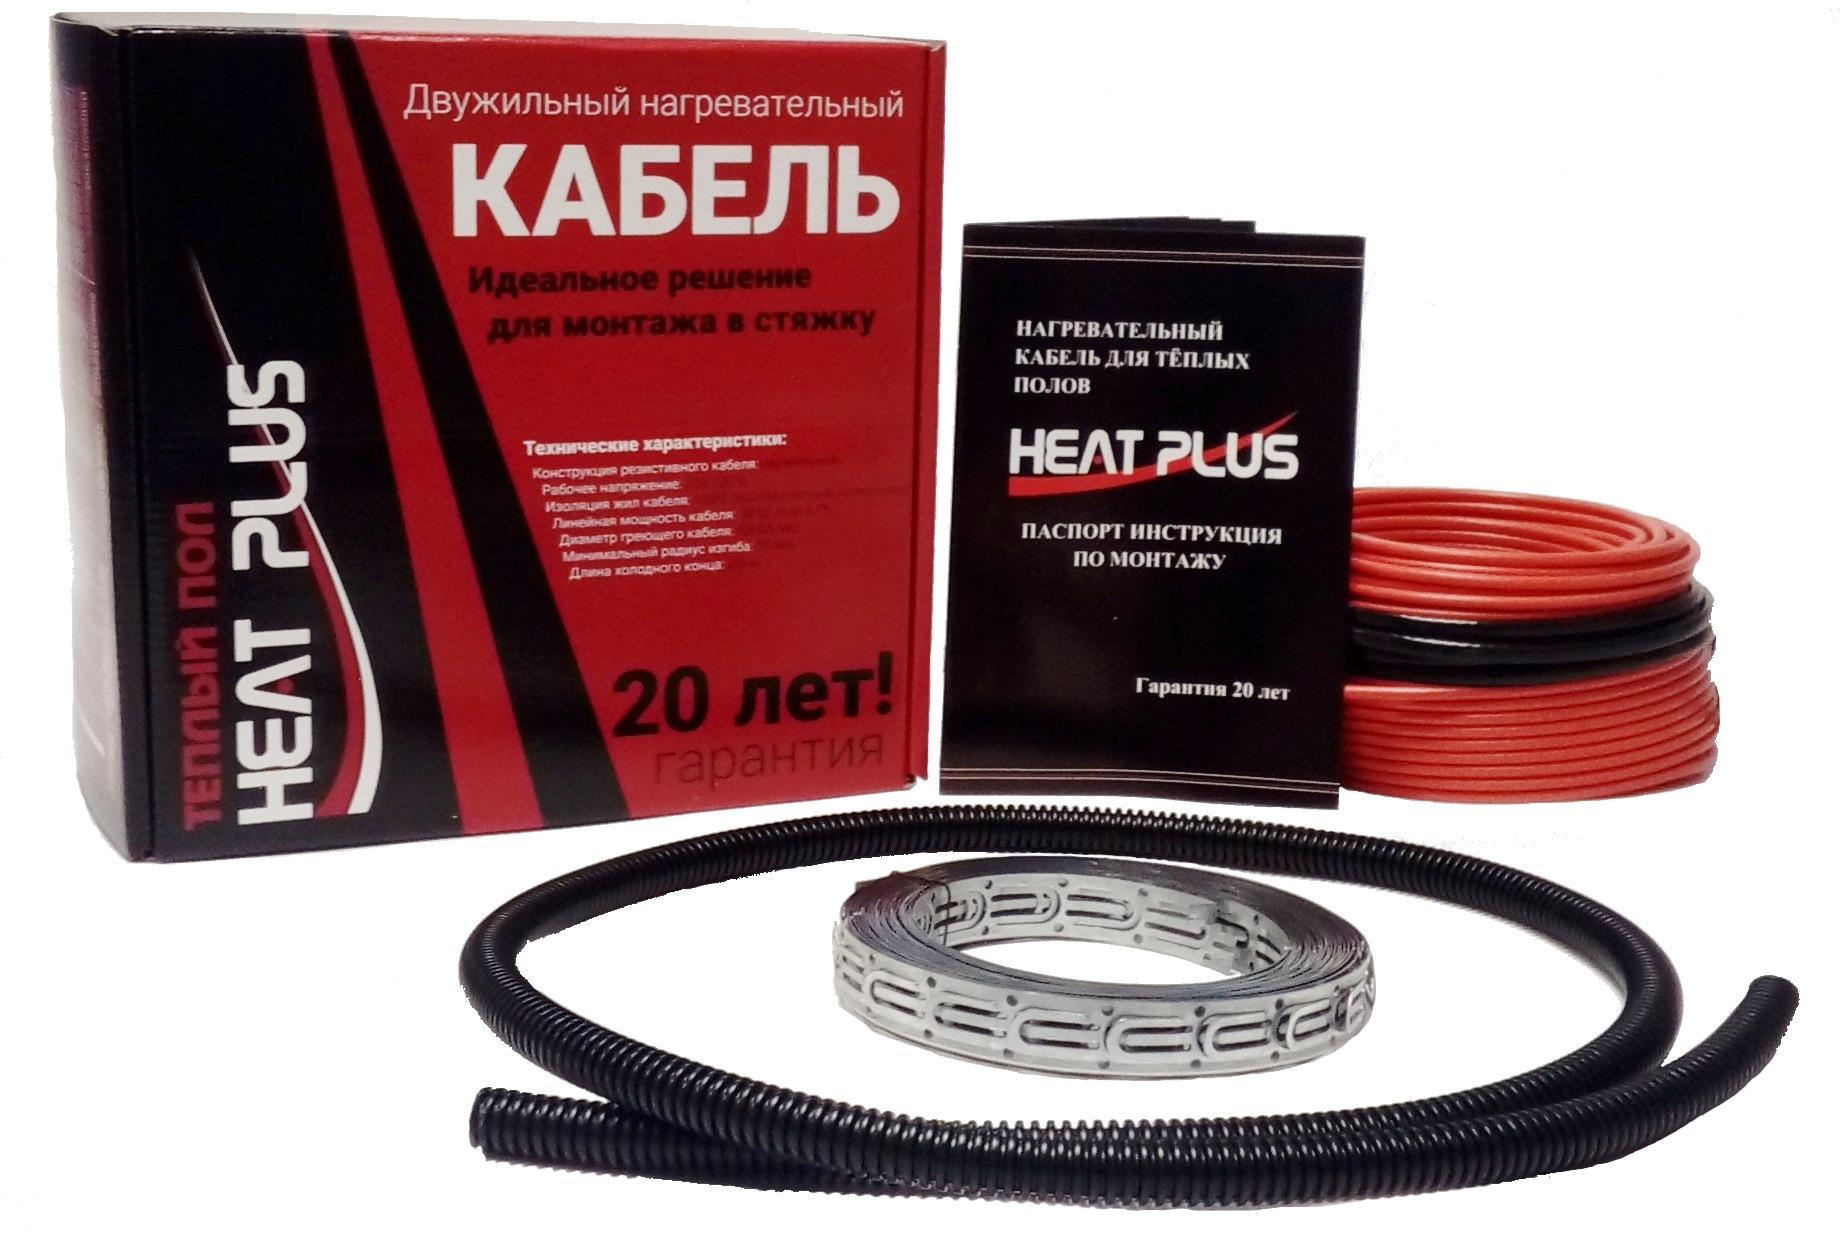 Двужильный нагревательный кабель HeatPlus 400Вт